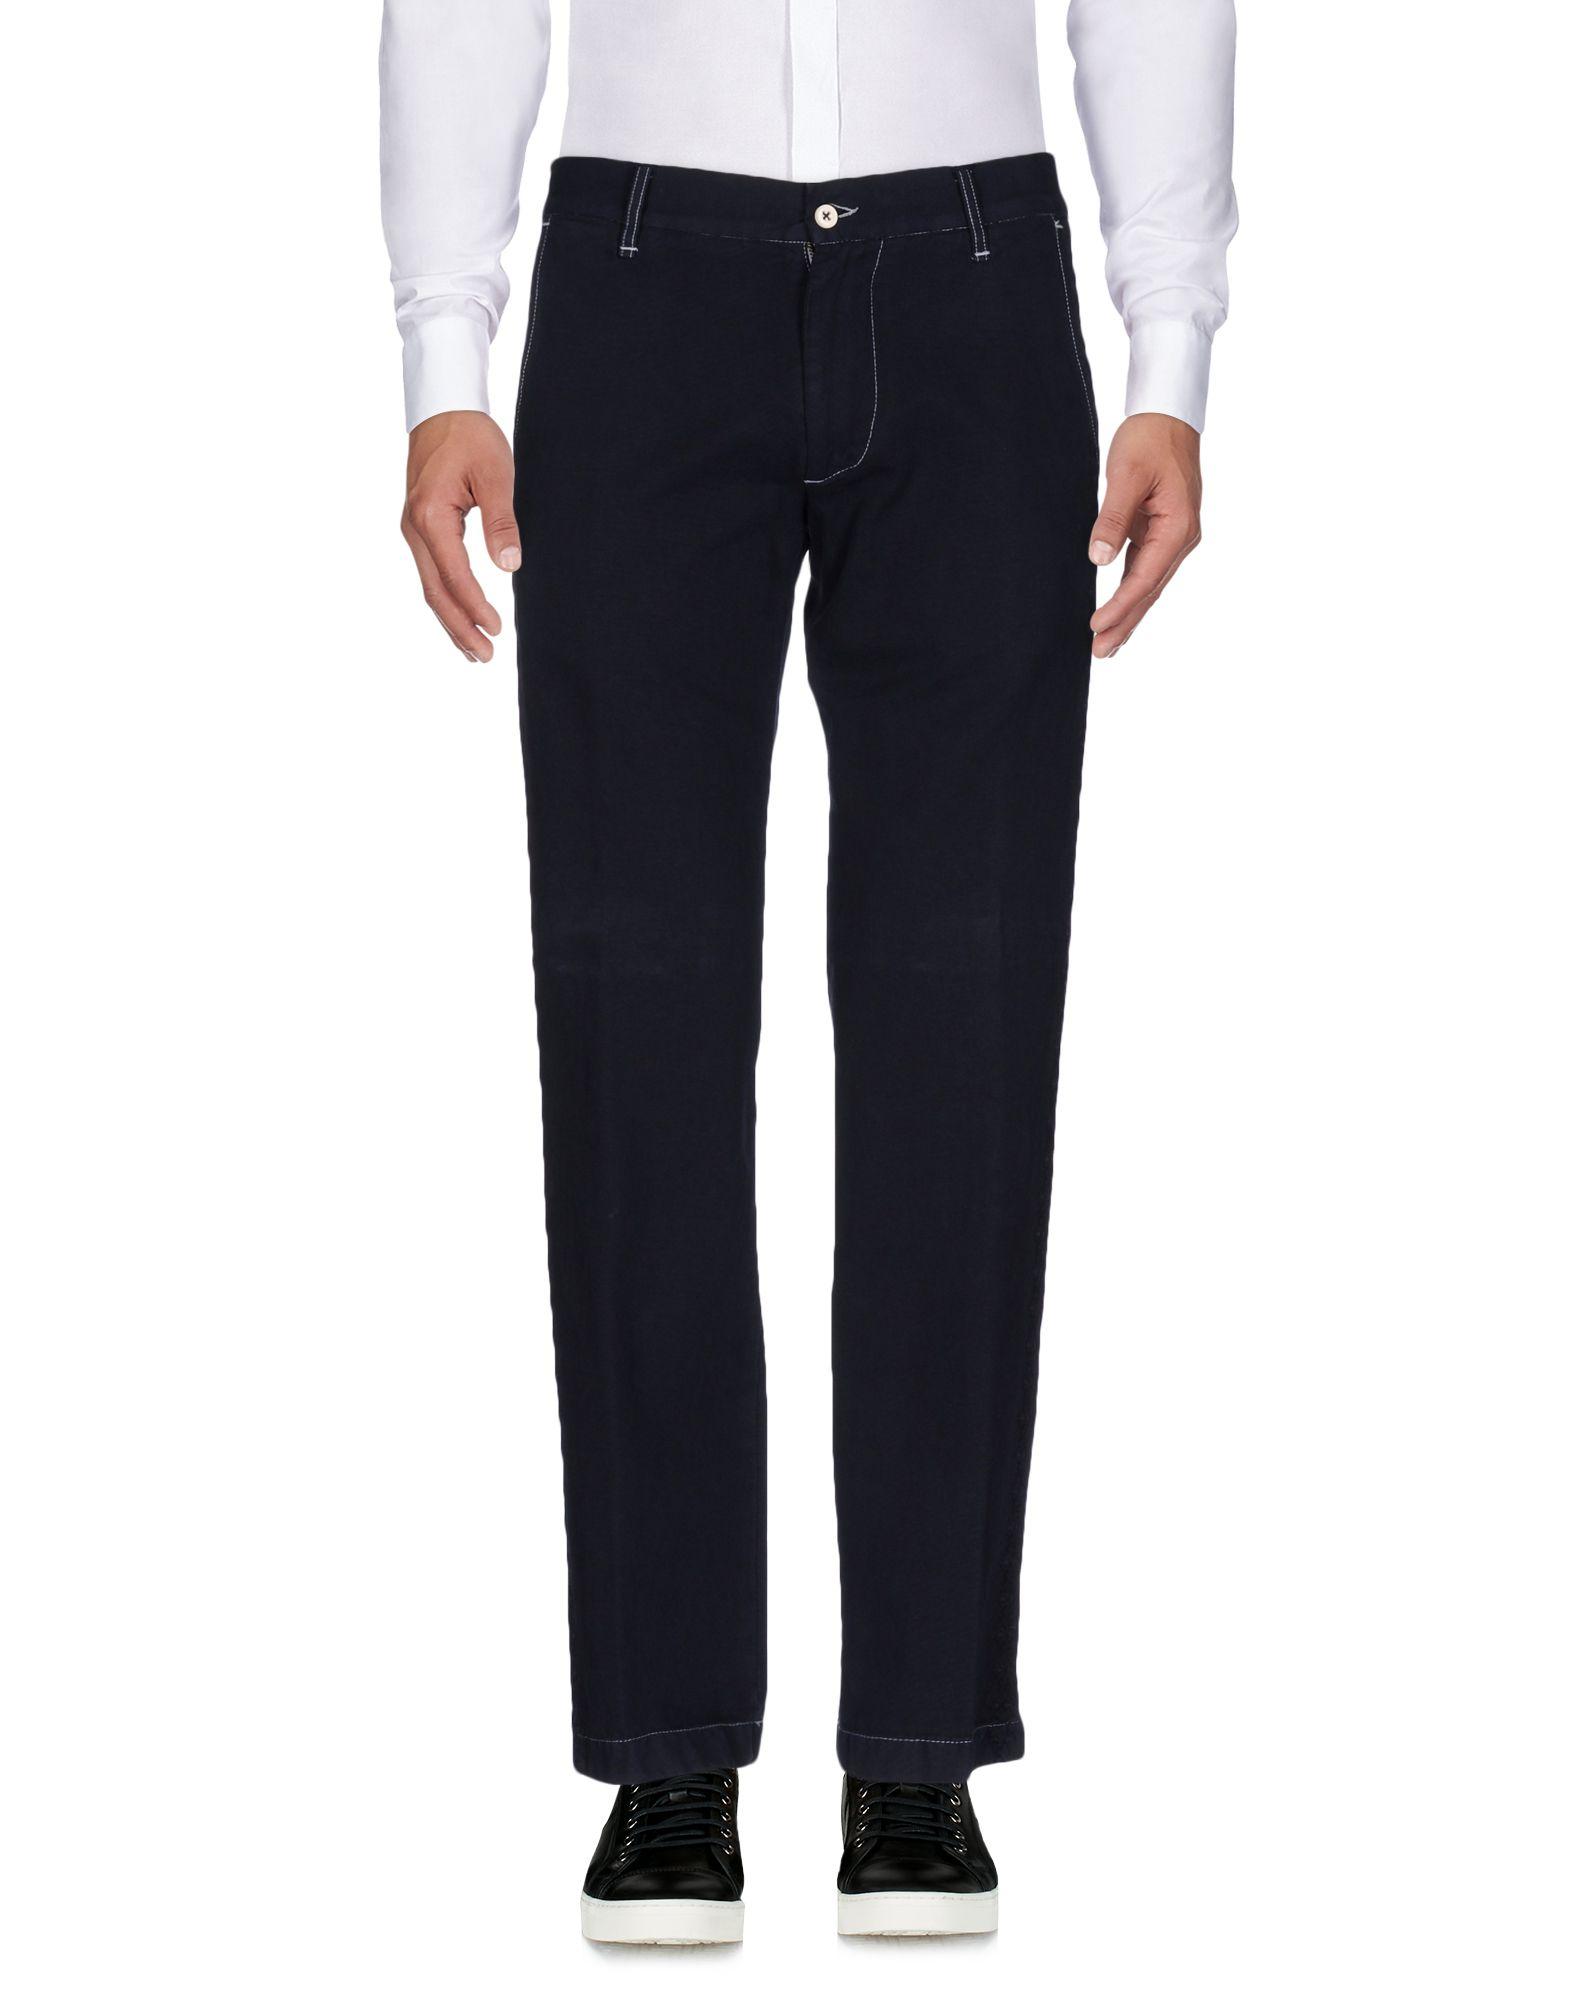 《送料無料》WEBER メンズ パンツ ダークブルー 48 コットン 100%